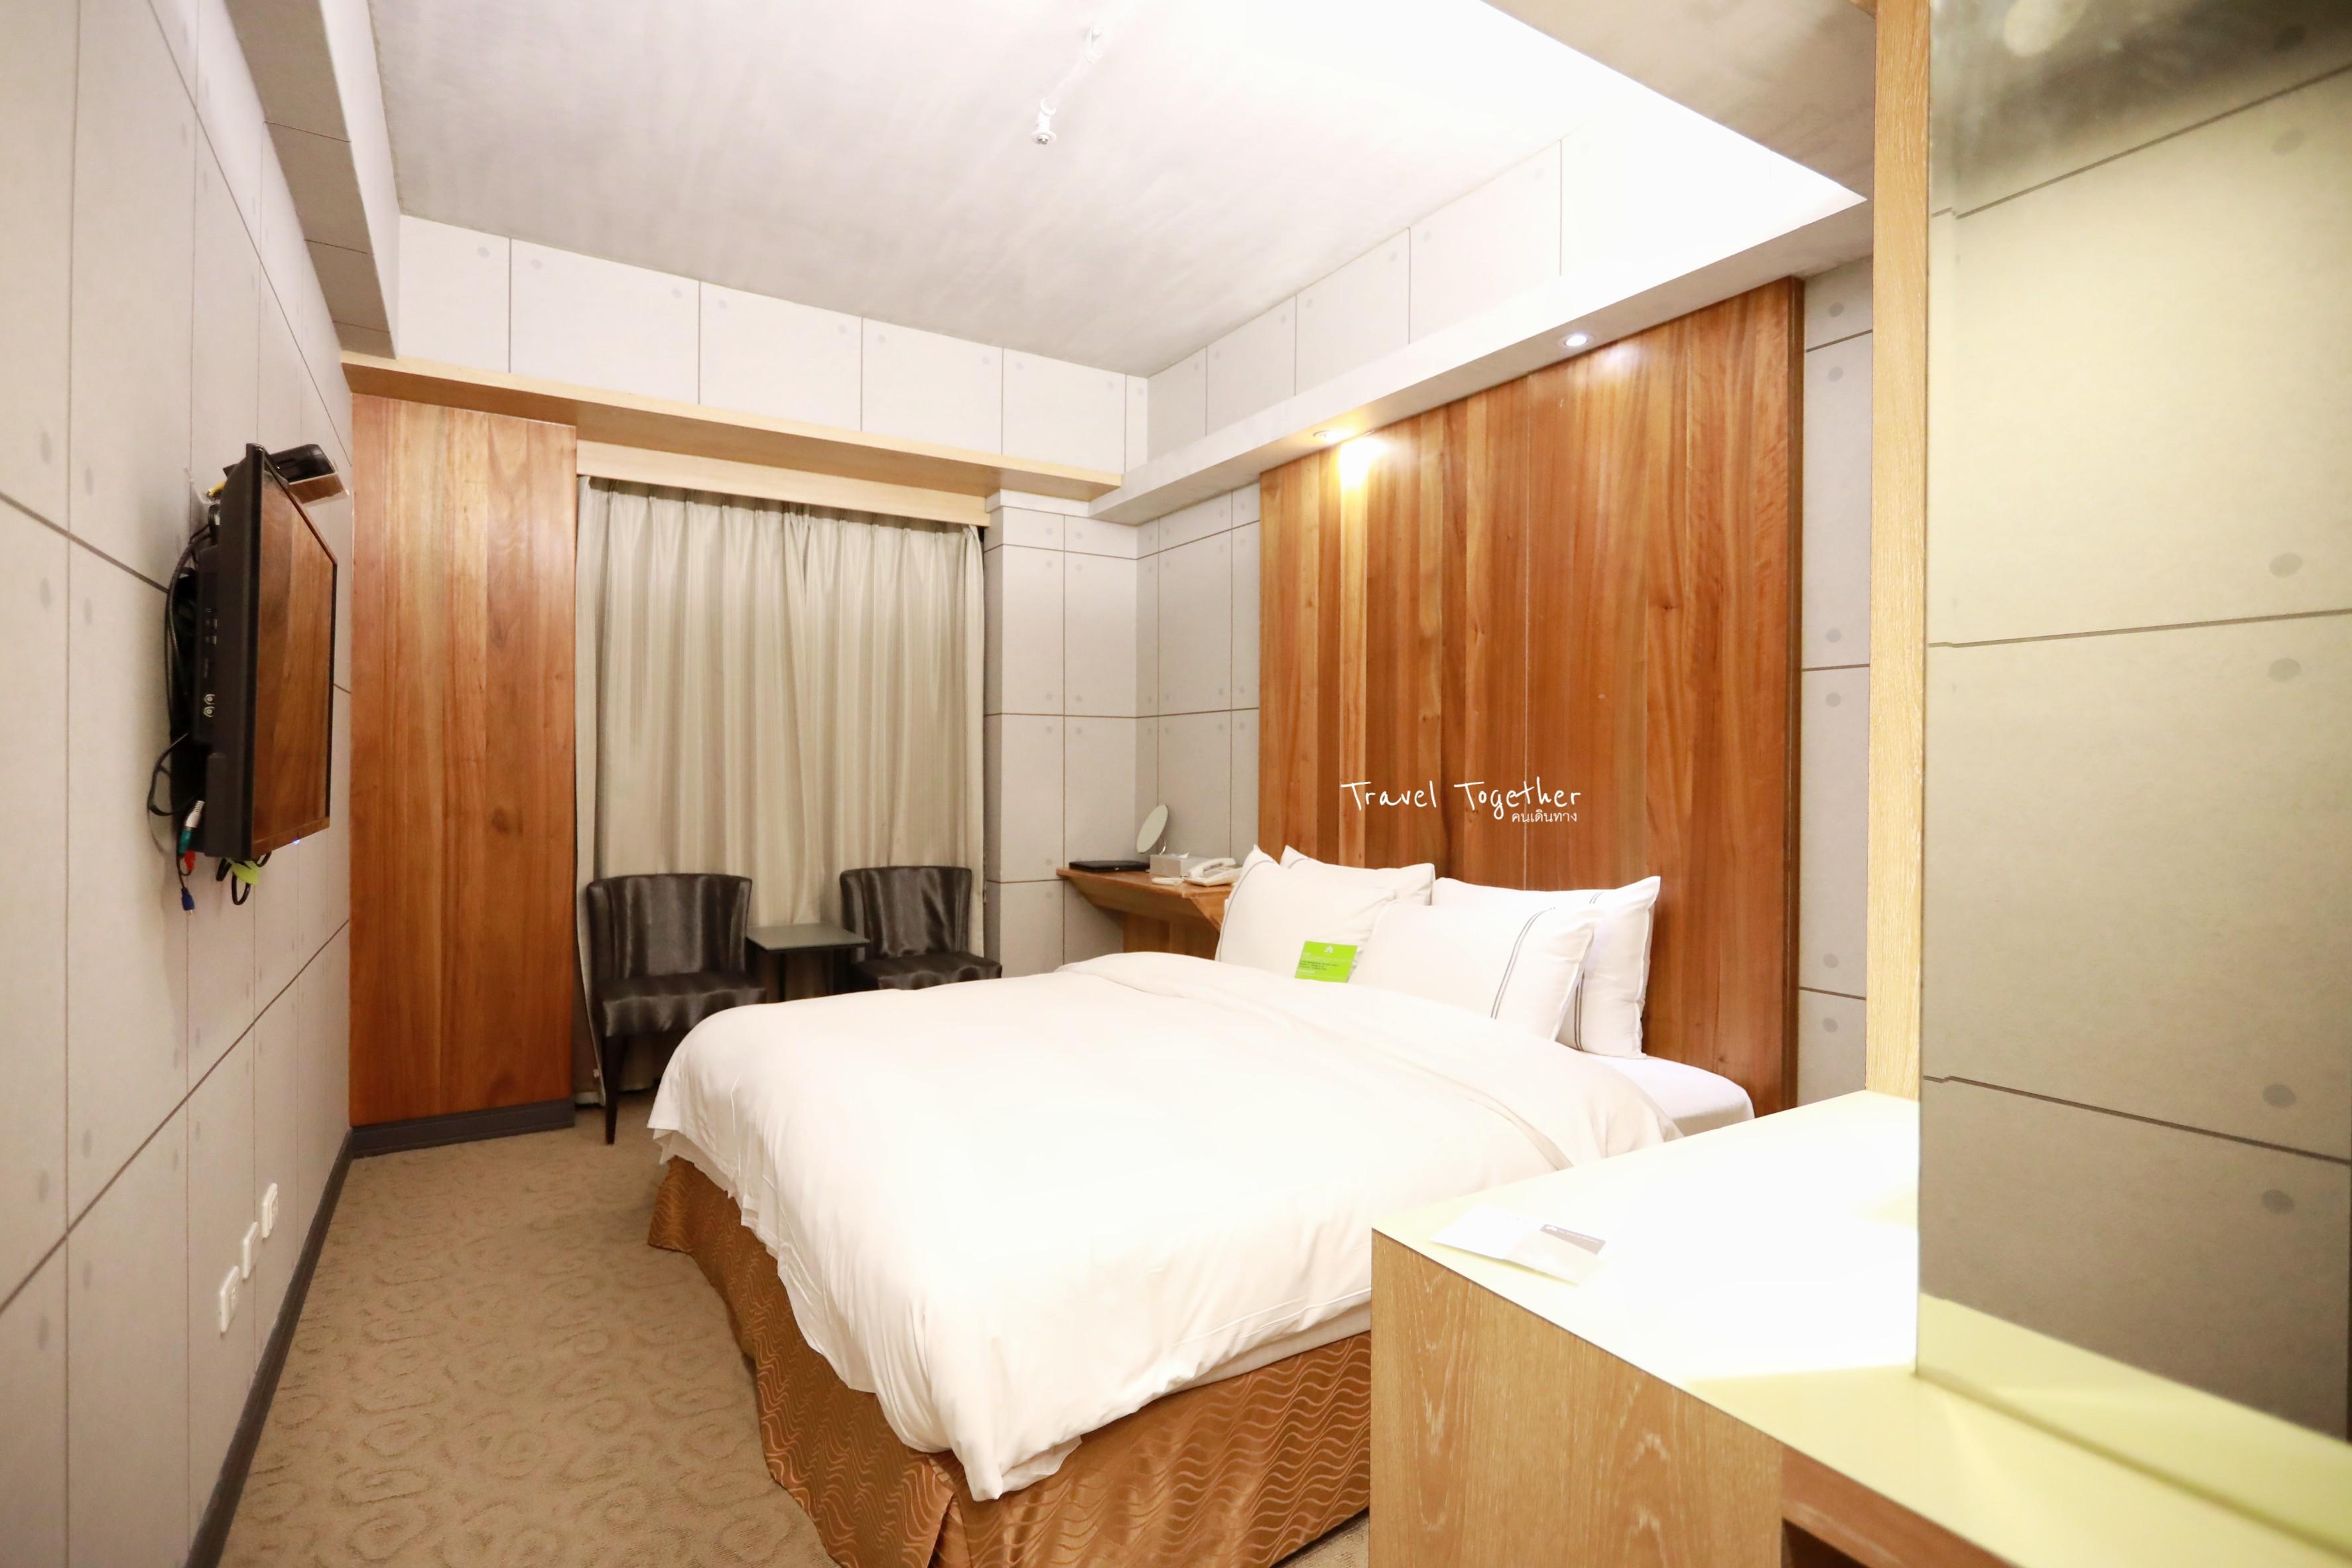 ที่พัก Taichung ต้อง Le Parker Hotel ทำเลดี ราคาโดน ใกล้แหล่งช้อปปิ้ง